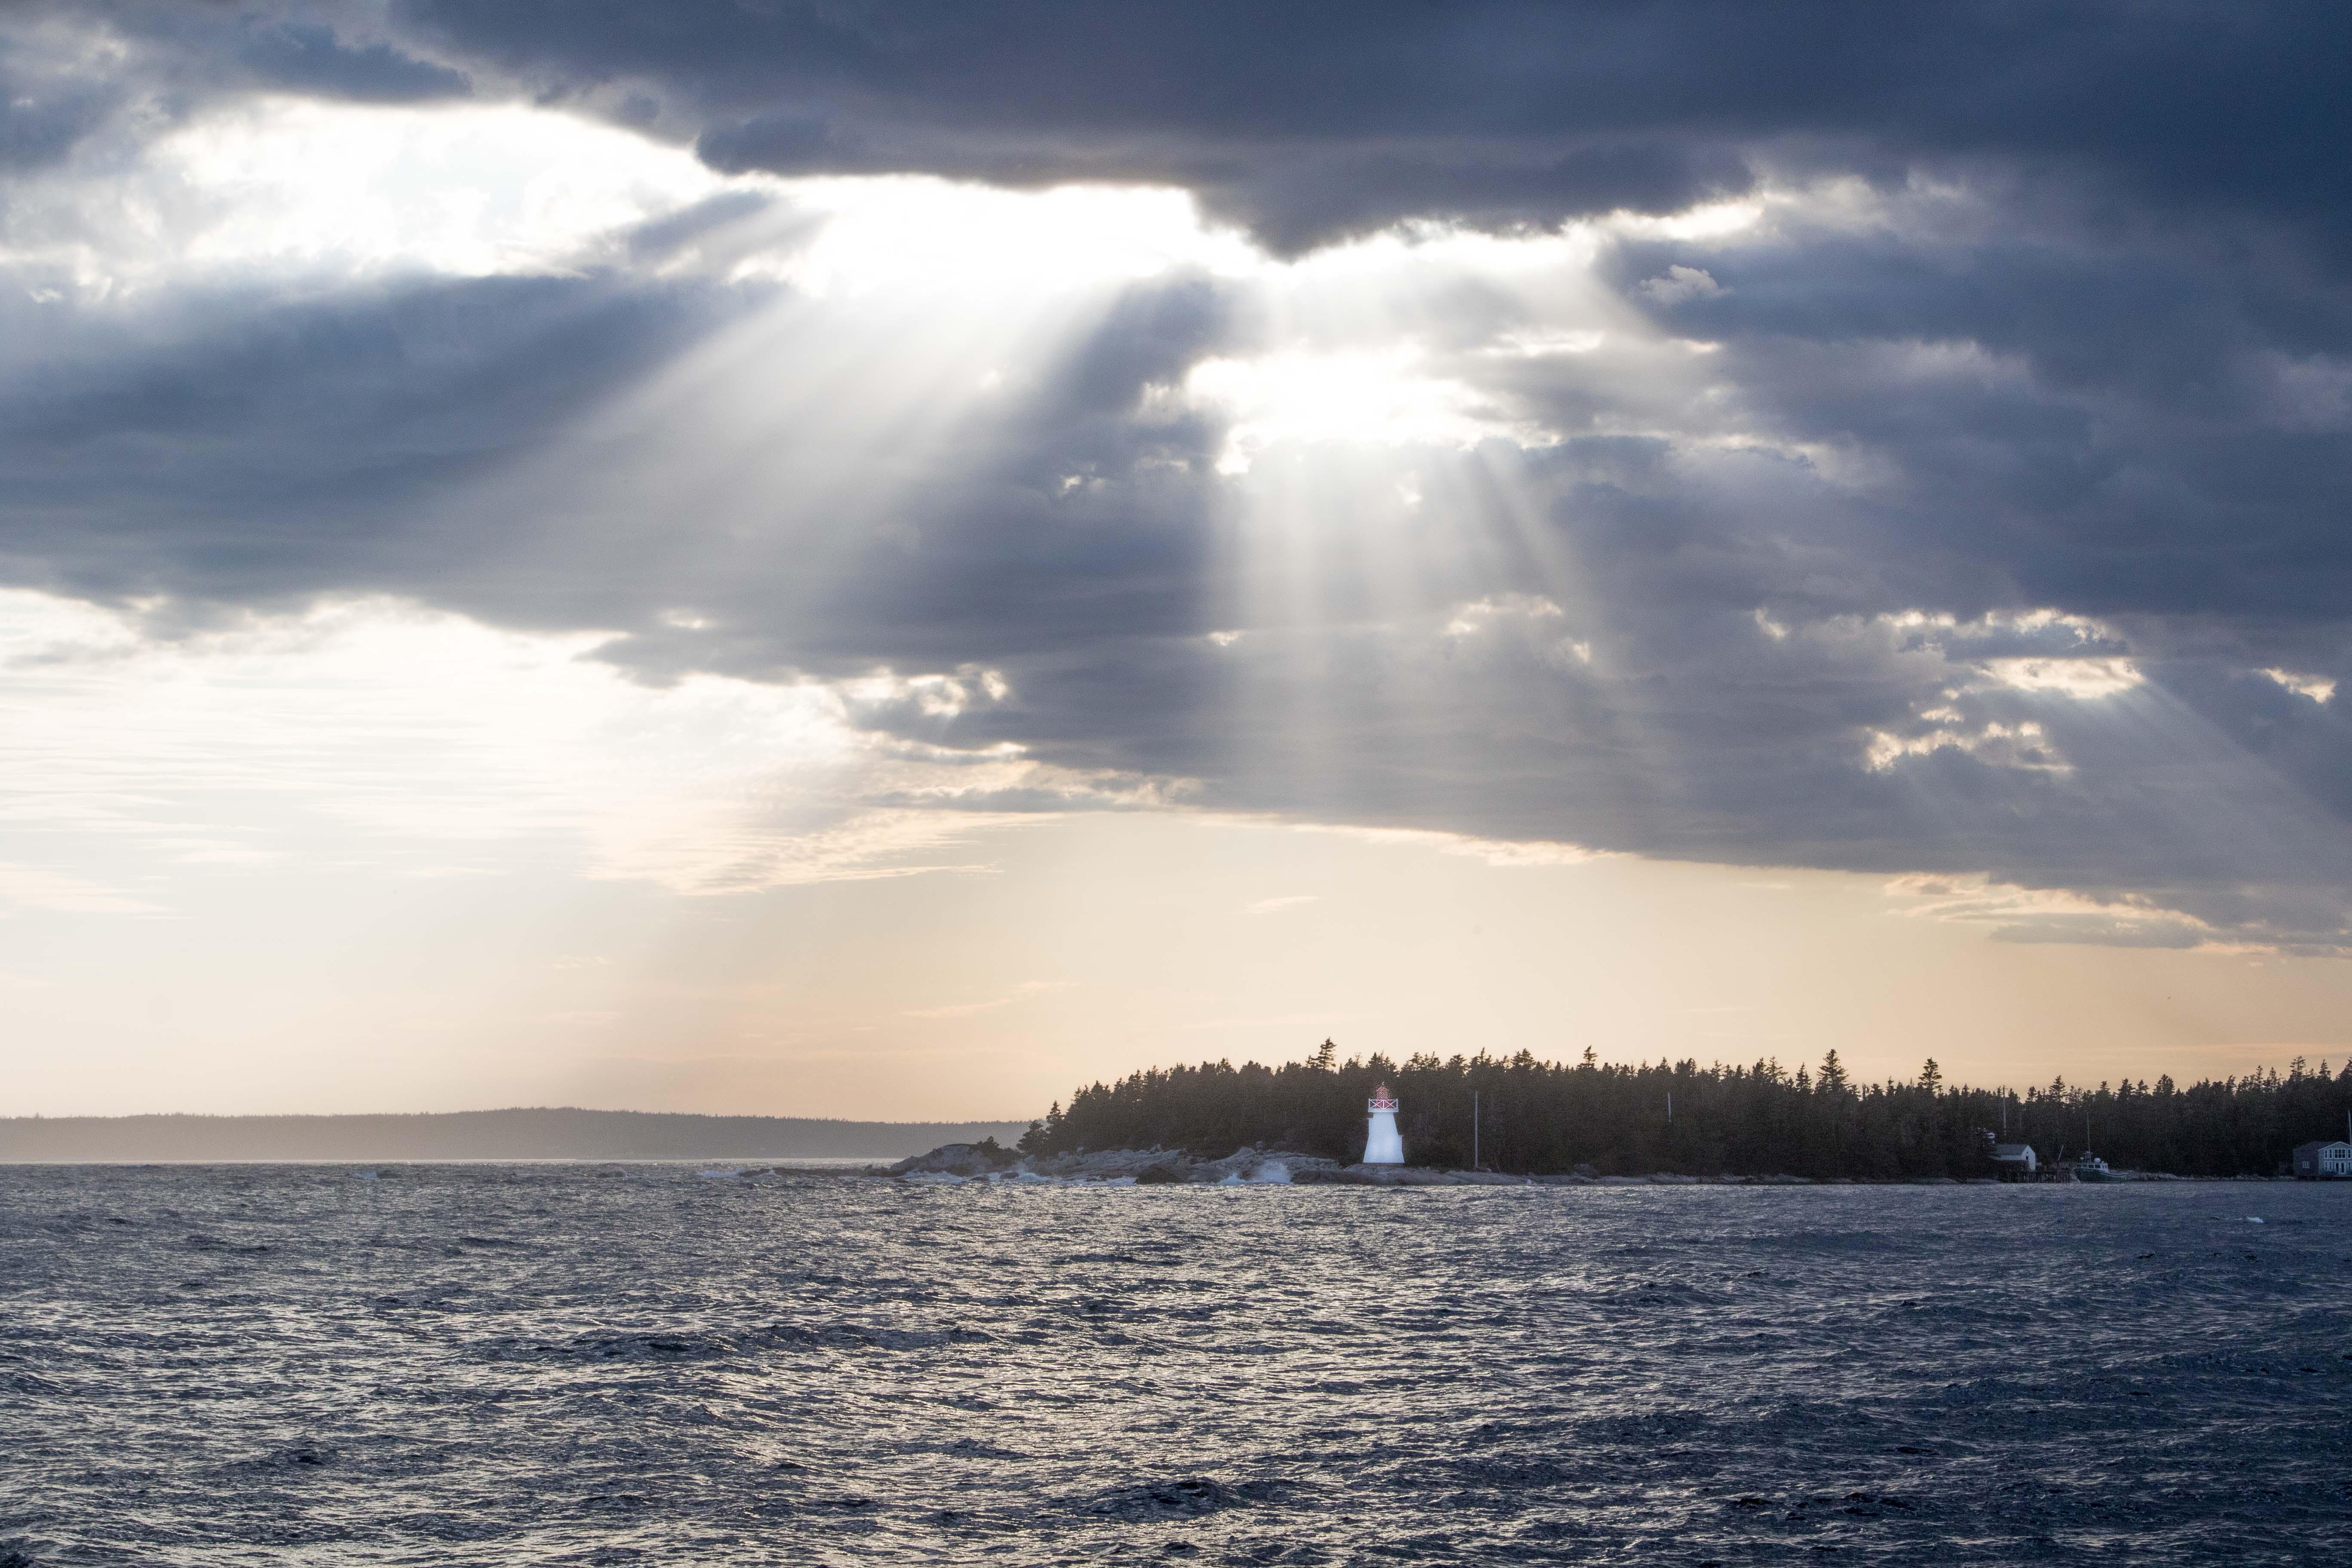 Die letzten Sonnenstrahlen über der Bucht. Schöner könnte der Abend nicht enden.